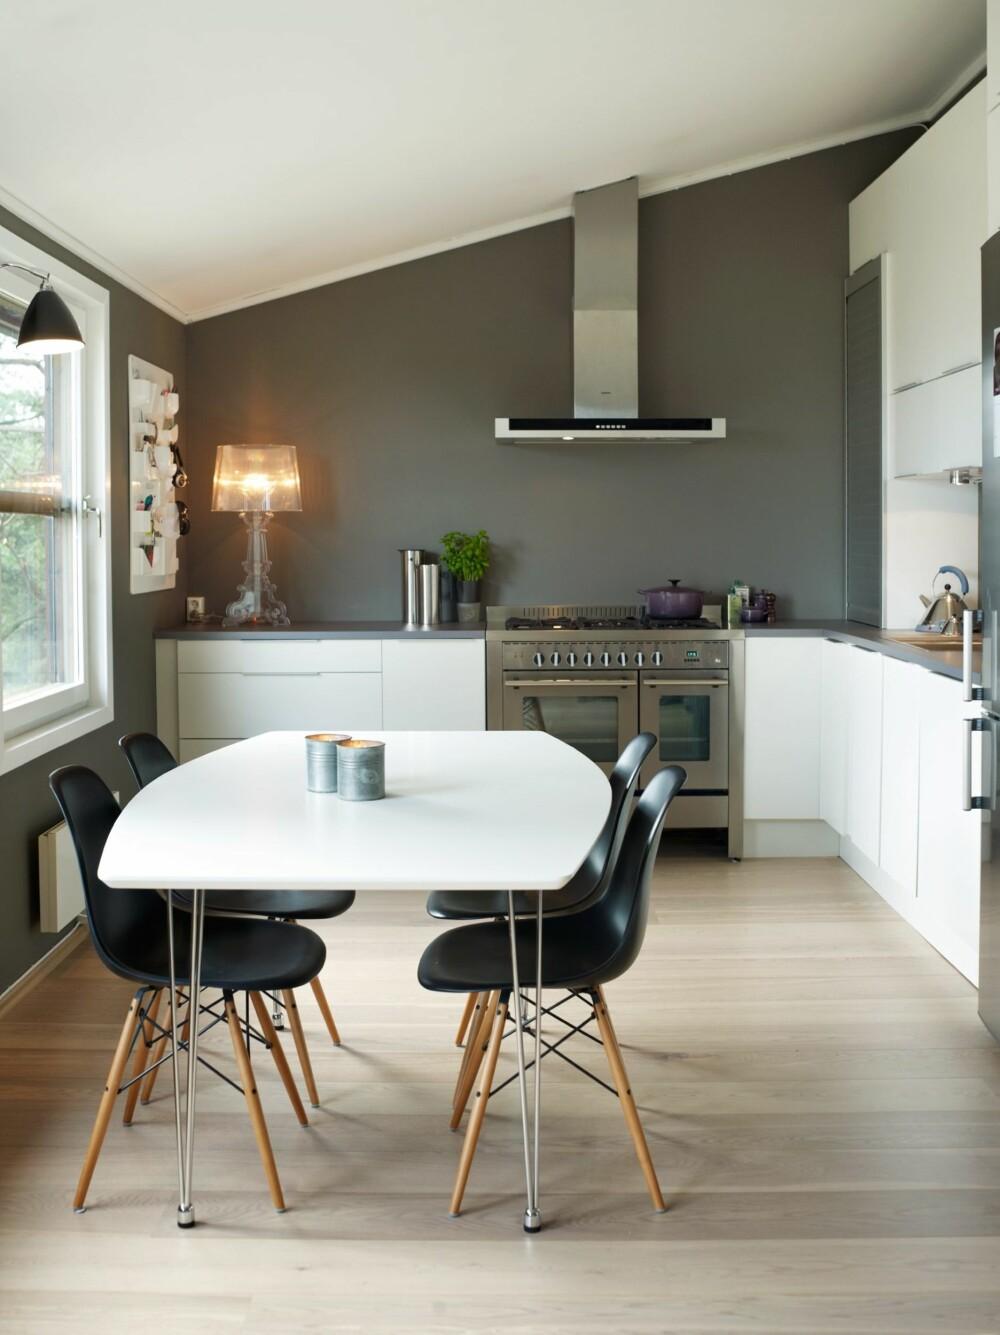 """STILRENT: Alle vegger er malt i grått, mens innredningen er hvit. Lampen på kjøkkenbenken myker opp det stramme utrykket. Ønsker du et mere """"bohemsk"""" preg kan du innrede med møbler og lamper i denne stilen."""